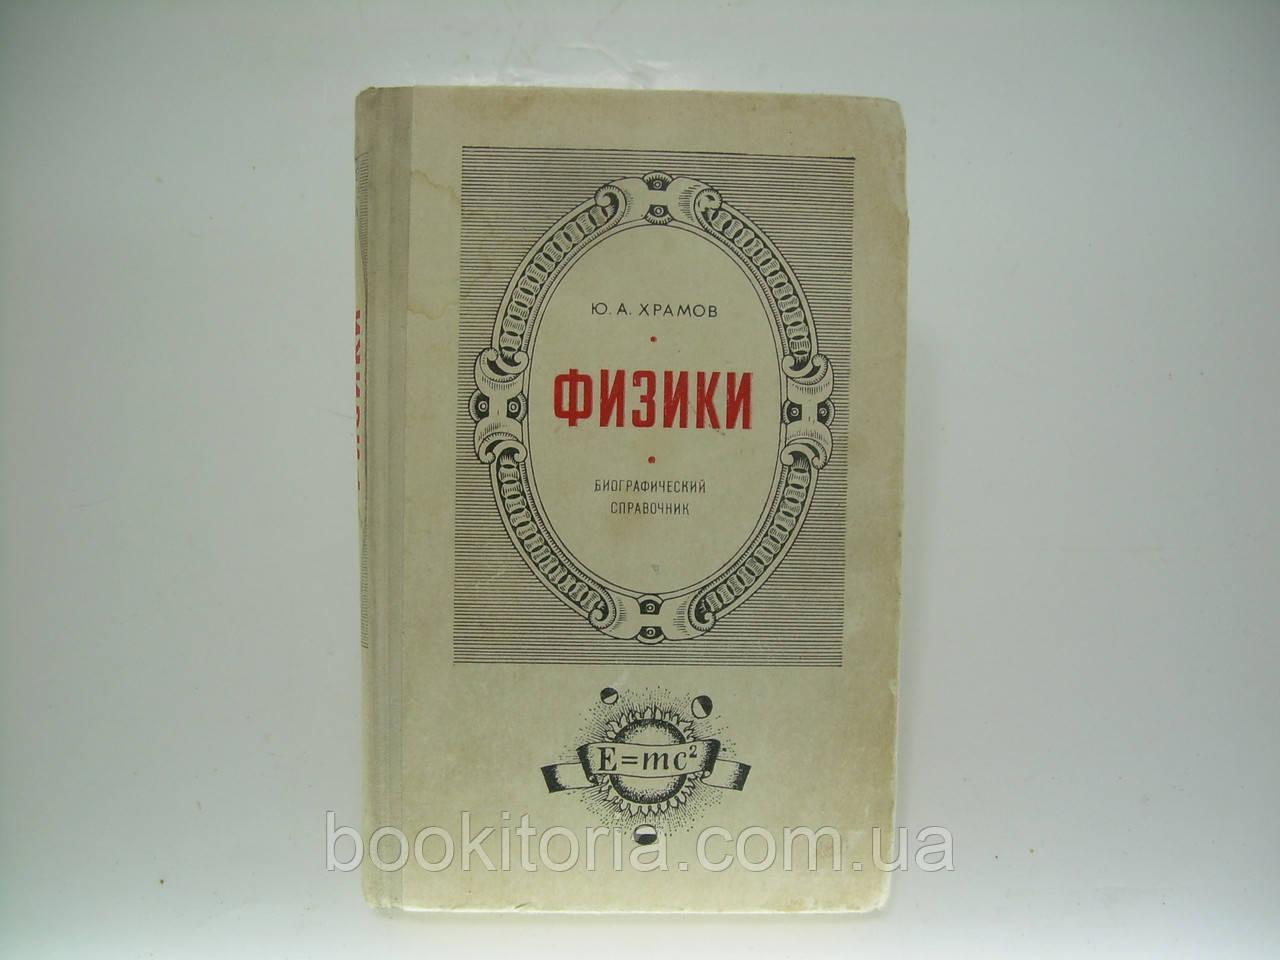 Храмов Ю.А. Физики: Биографический справочник (б/у).